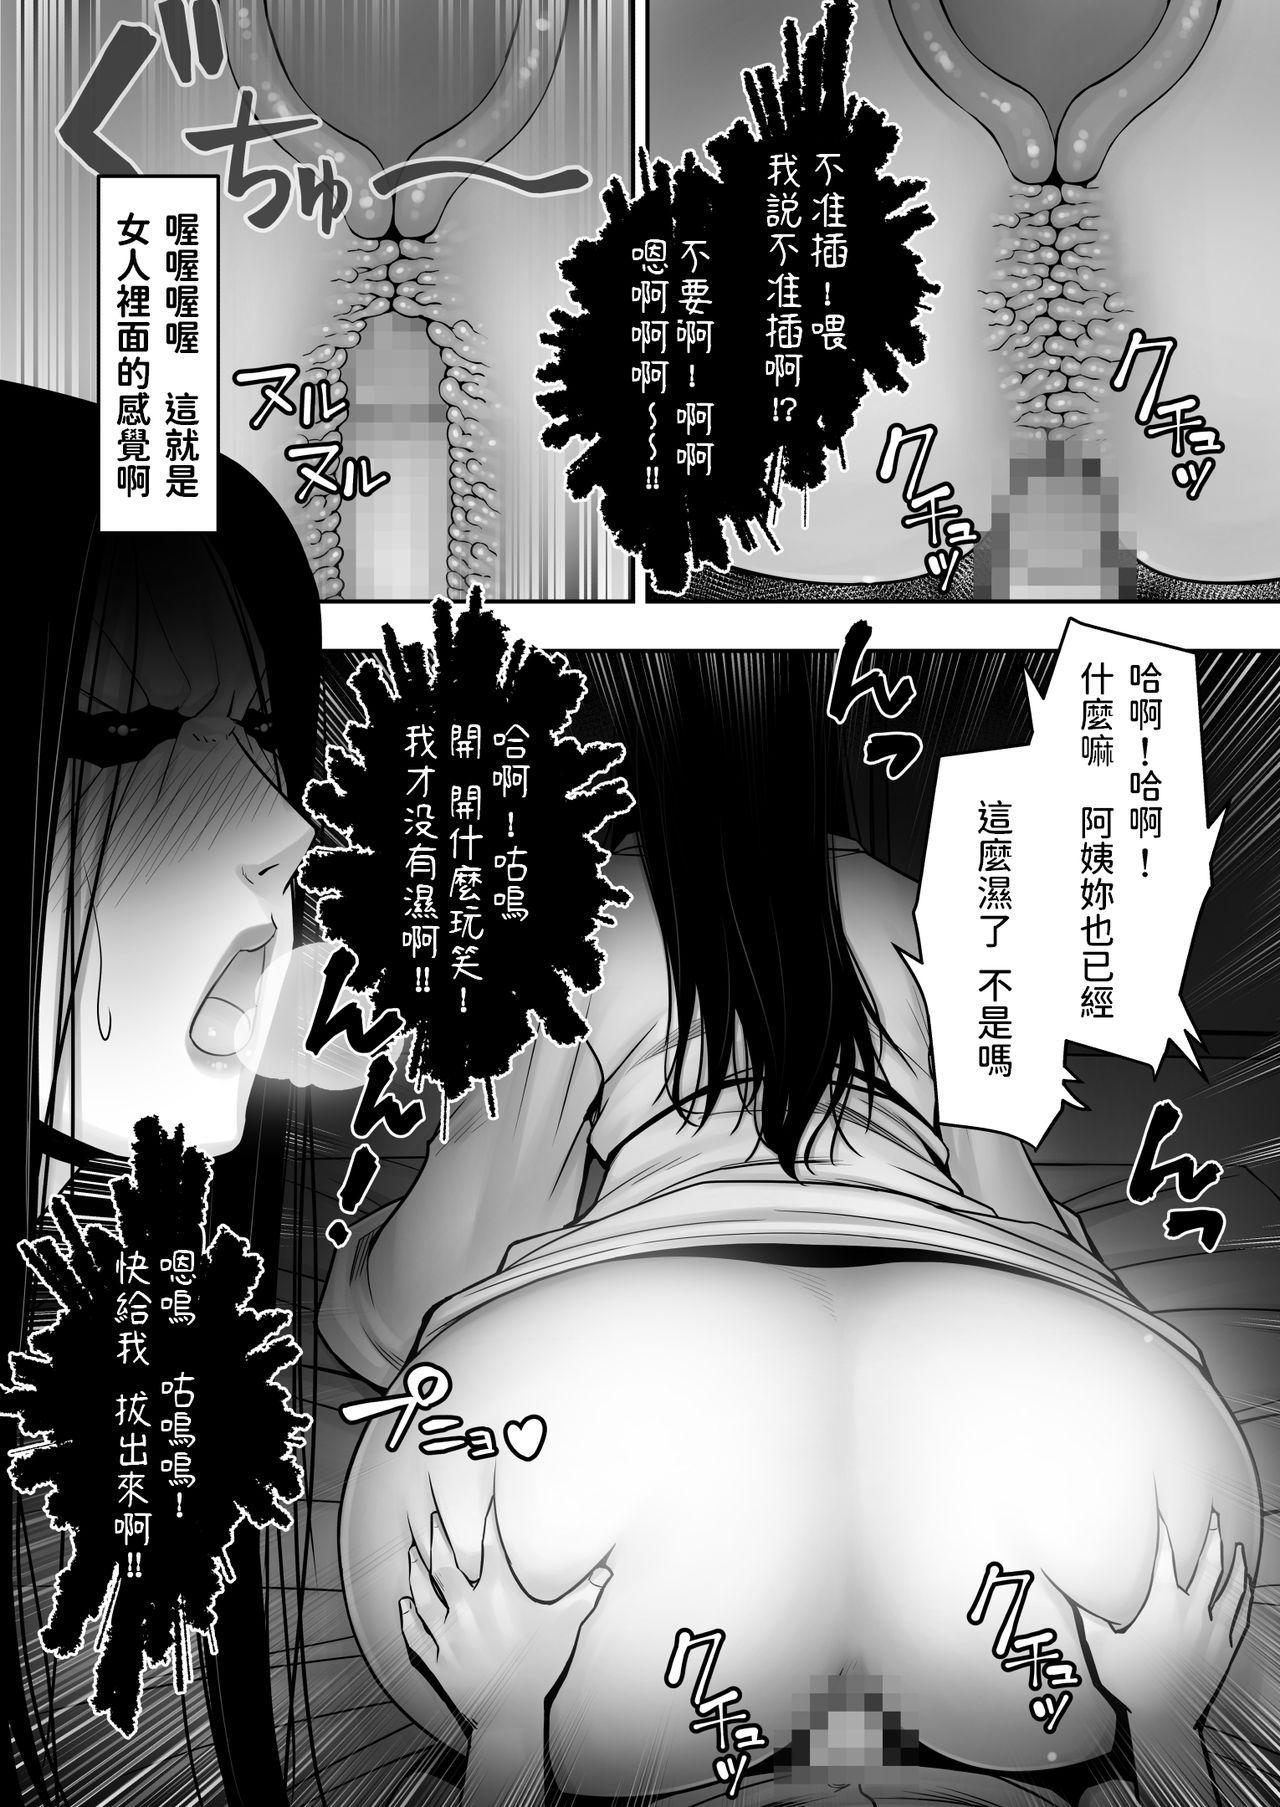 Doutei ga Heya ni Toritsuite Iru Onna Yuurei ni Gyaku Kanashibari o Kaketa Kekka 22